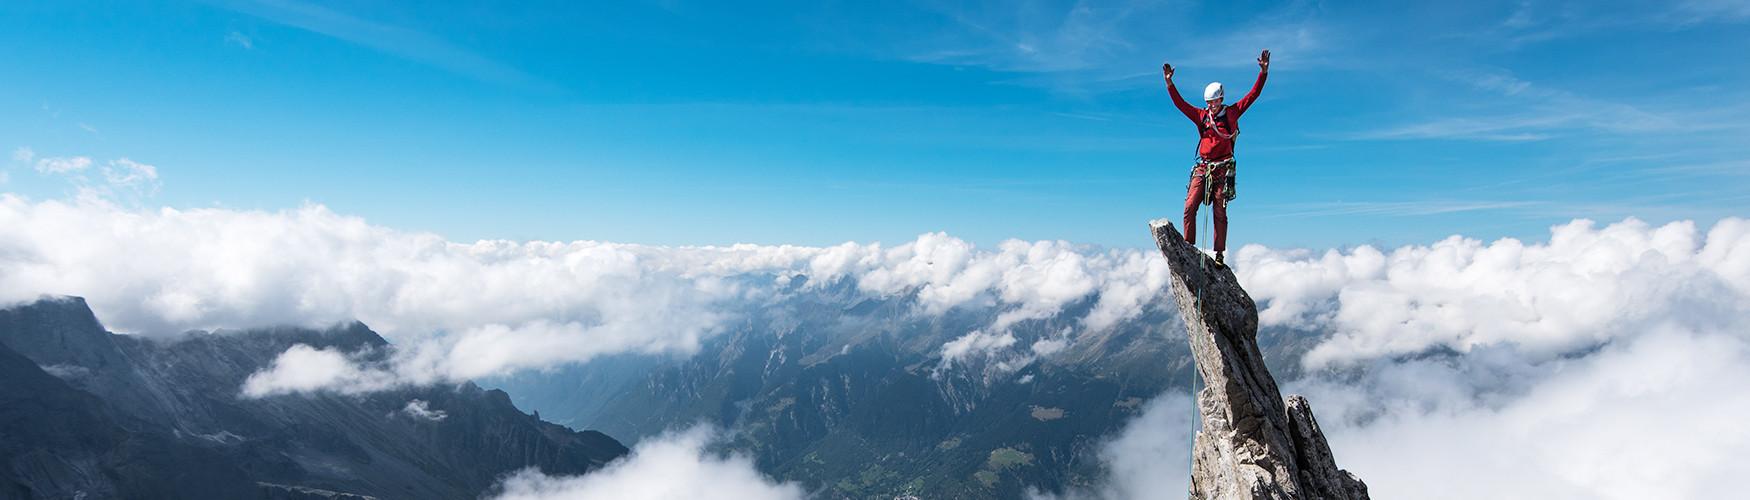 Alpinklettern Schweiz, Bergell klettern